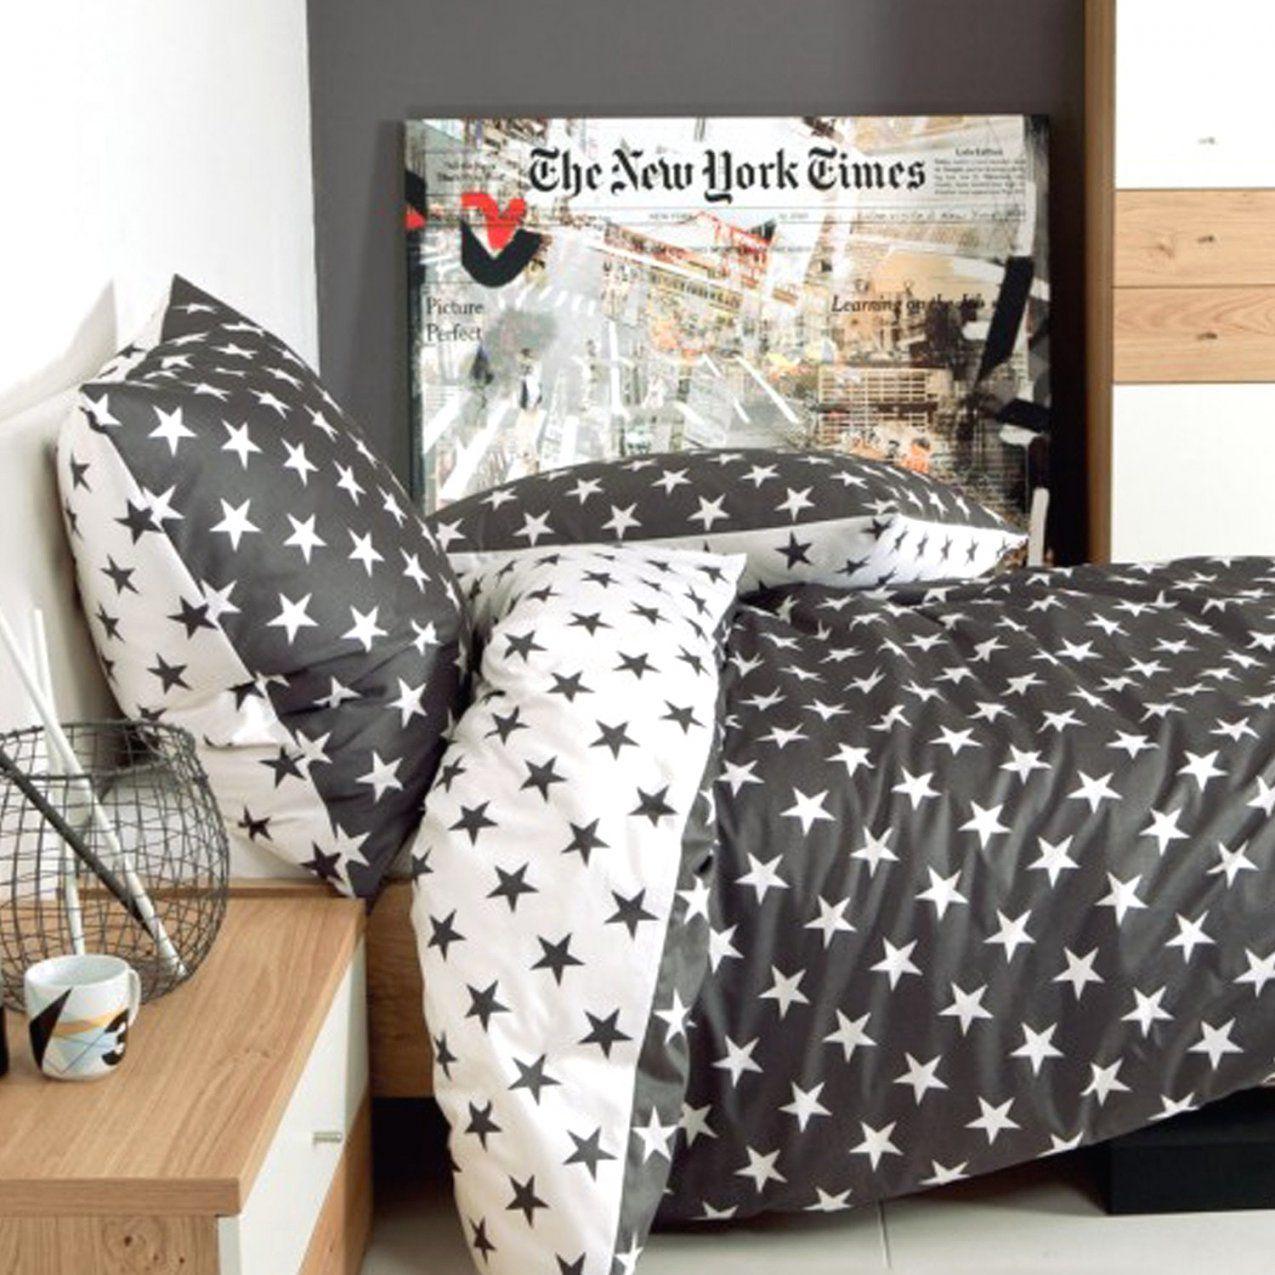 Attraktive Ideen Stylische Bettwäsche Und Gute Winter Jersey Aldi von Biber Bettwäsche Aldi Bild